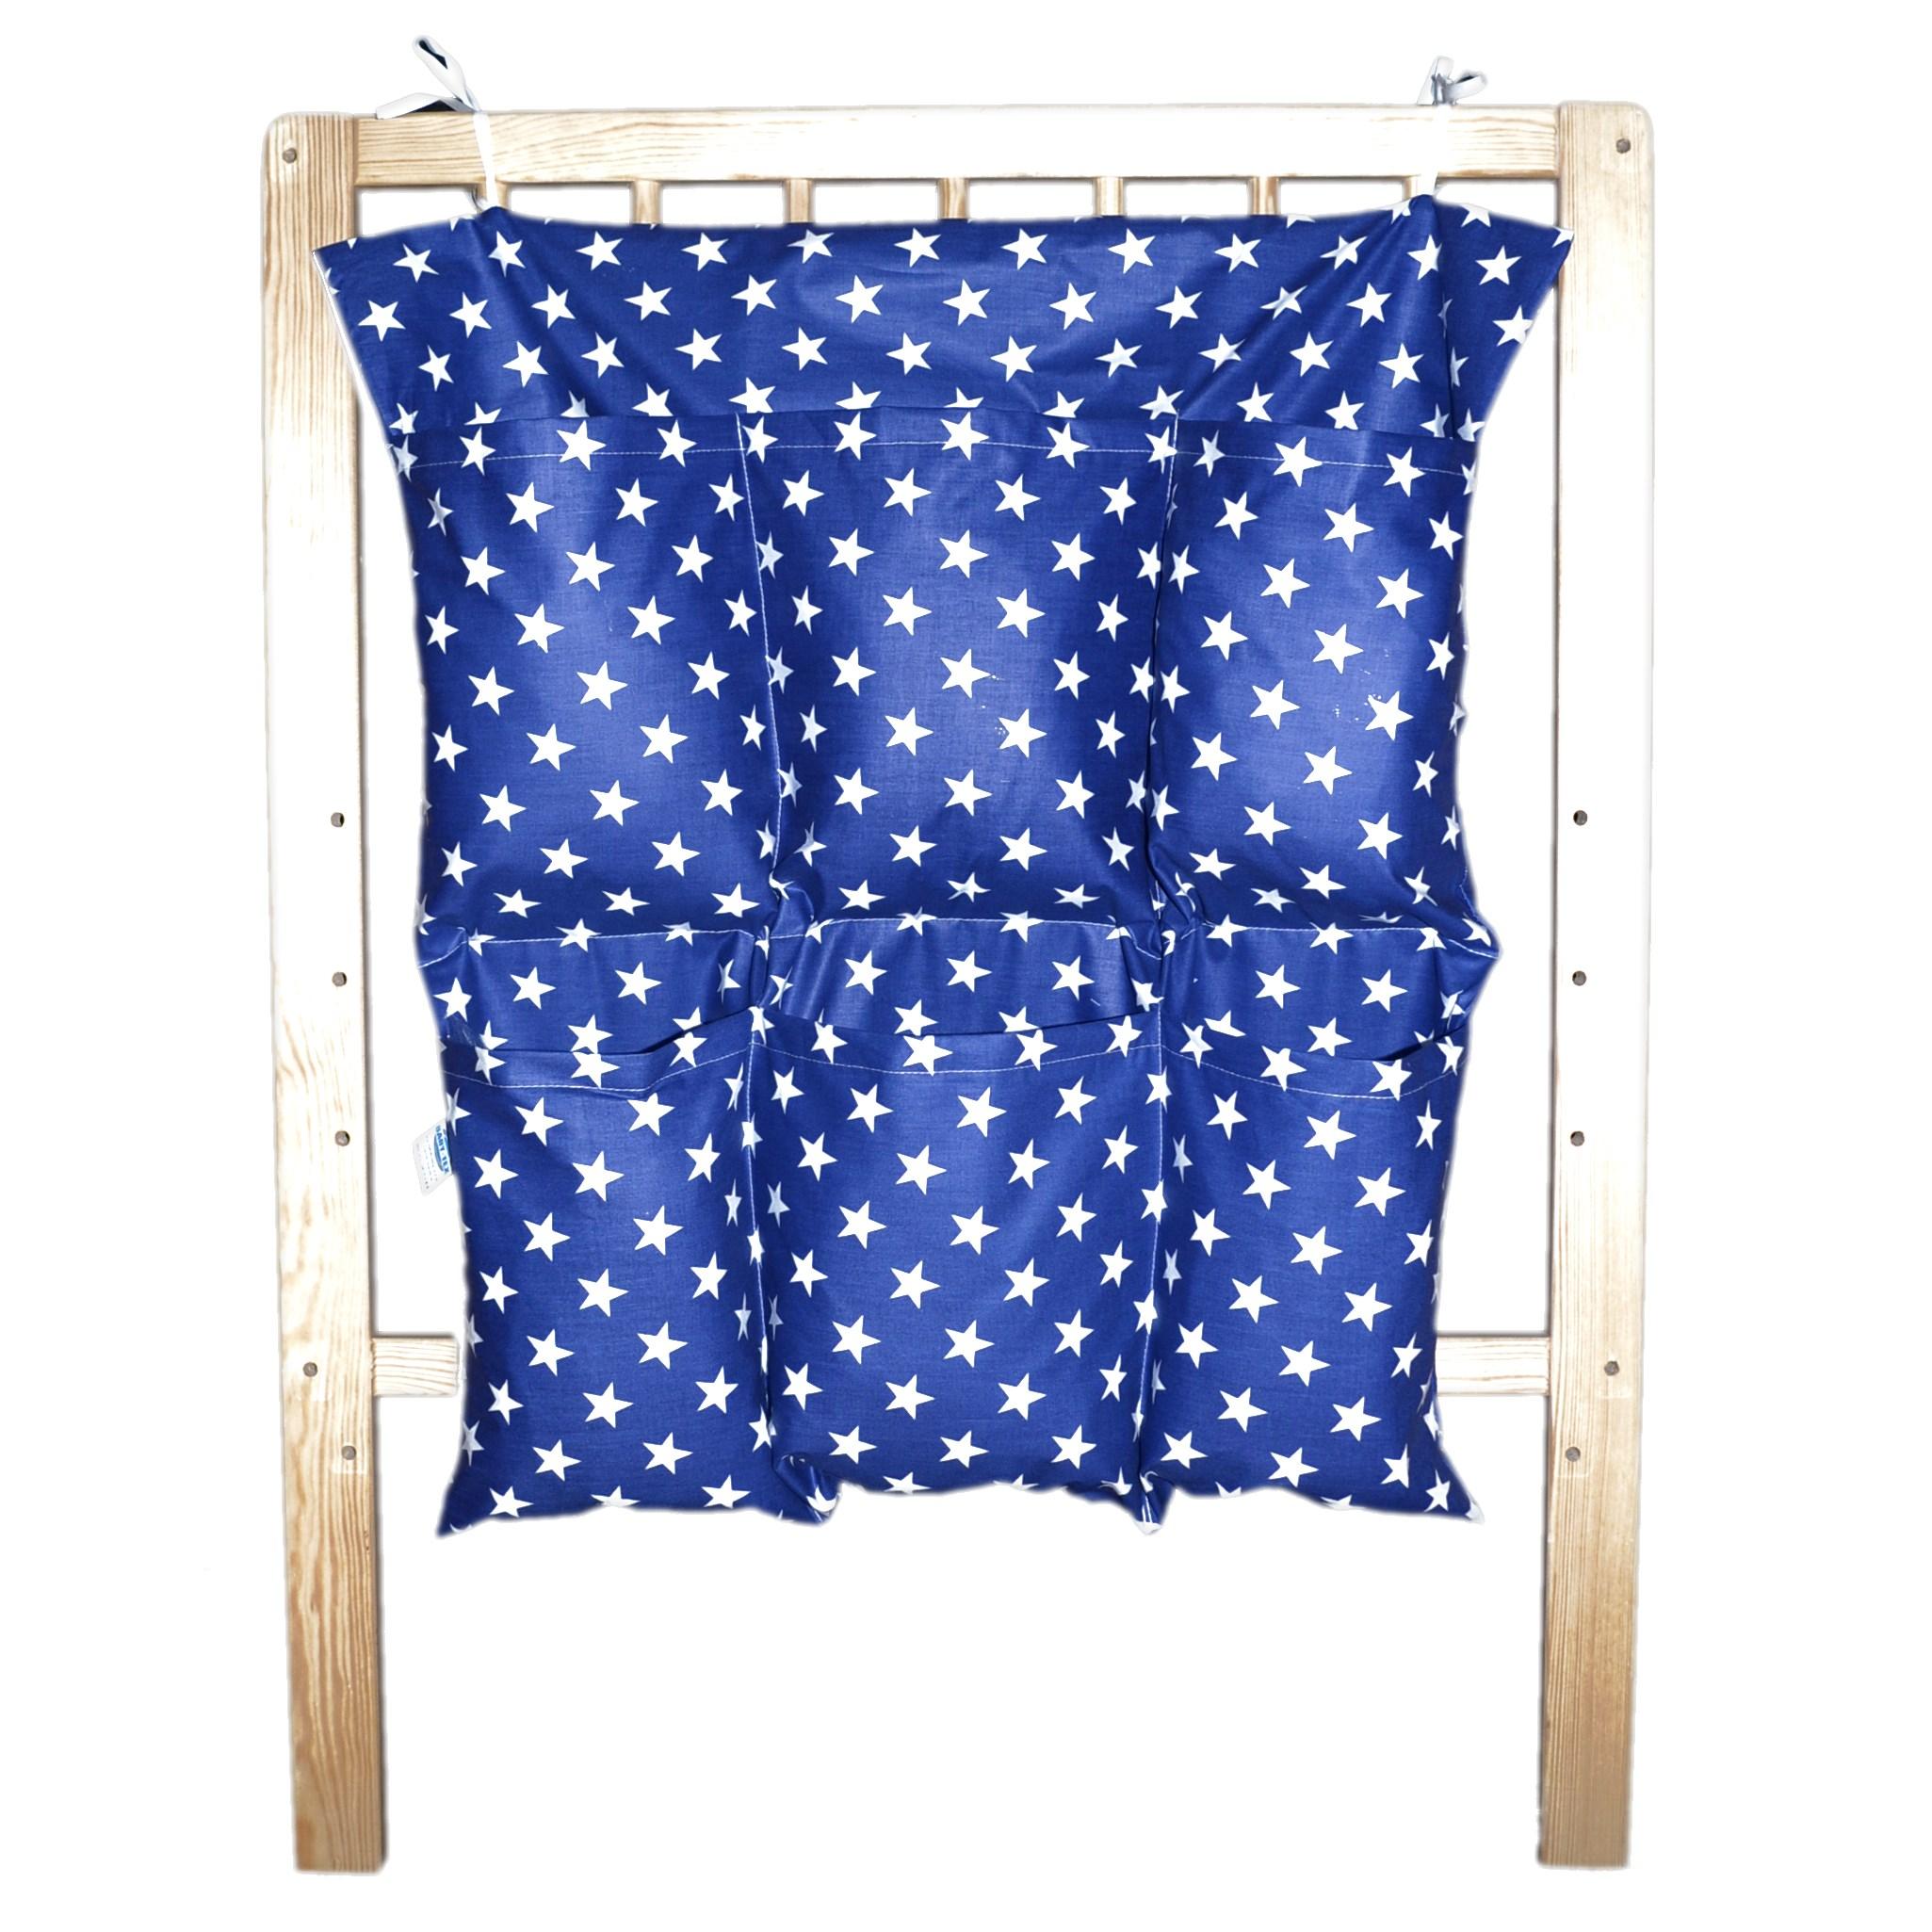 Bavlněný kapsář na postýlku - Tmavě modrý bílé hvězdičky (NA OBJEDNÁVKU)